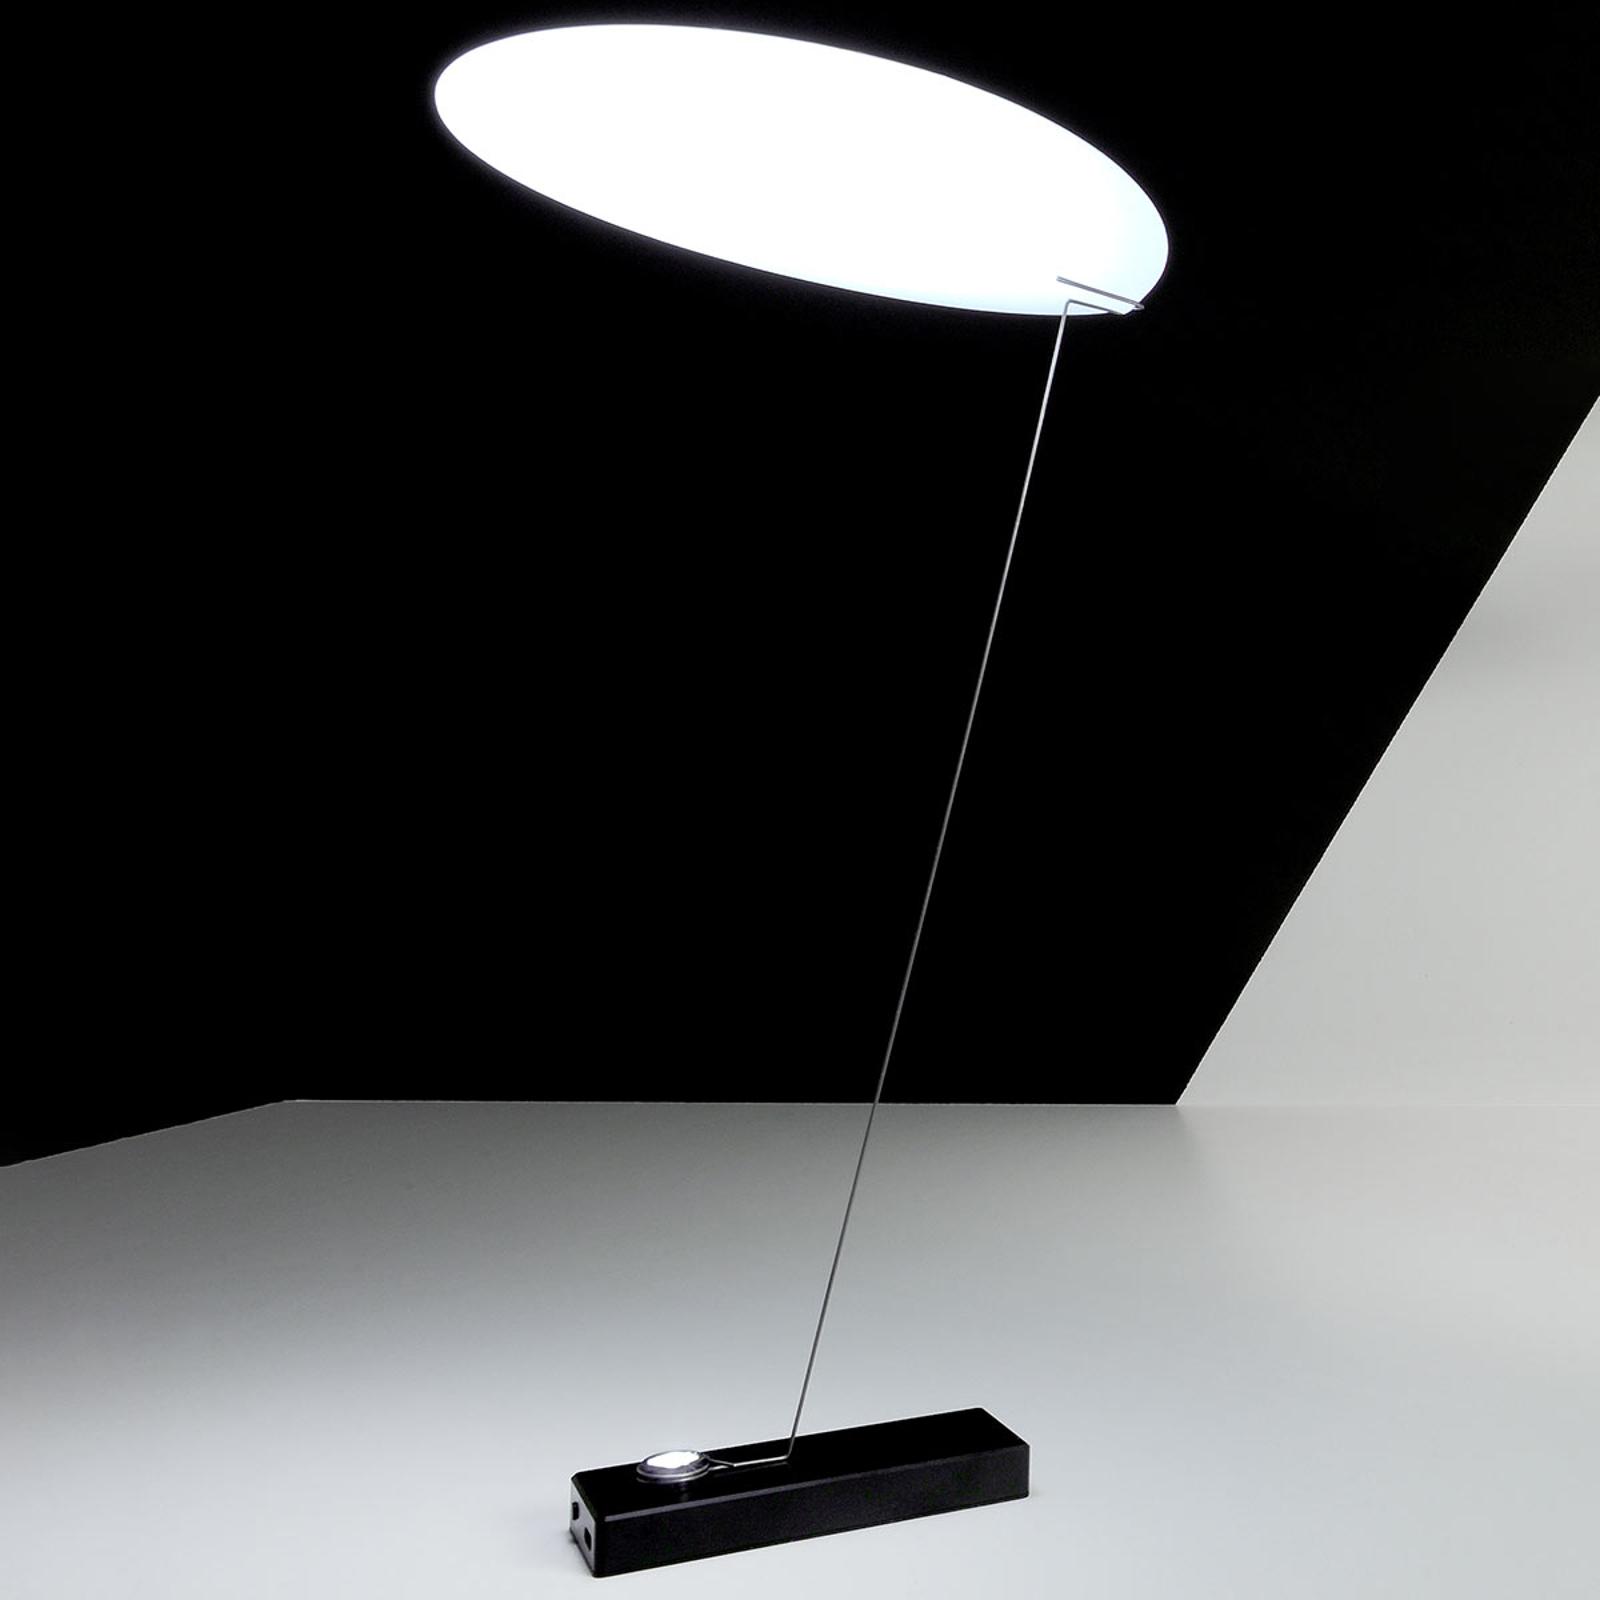 Ingo Maurer Koyoo - LED-designer-tafellamp